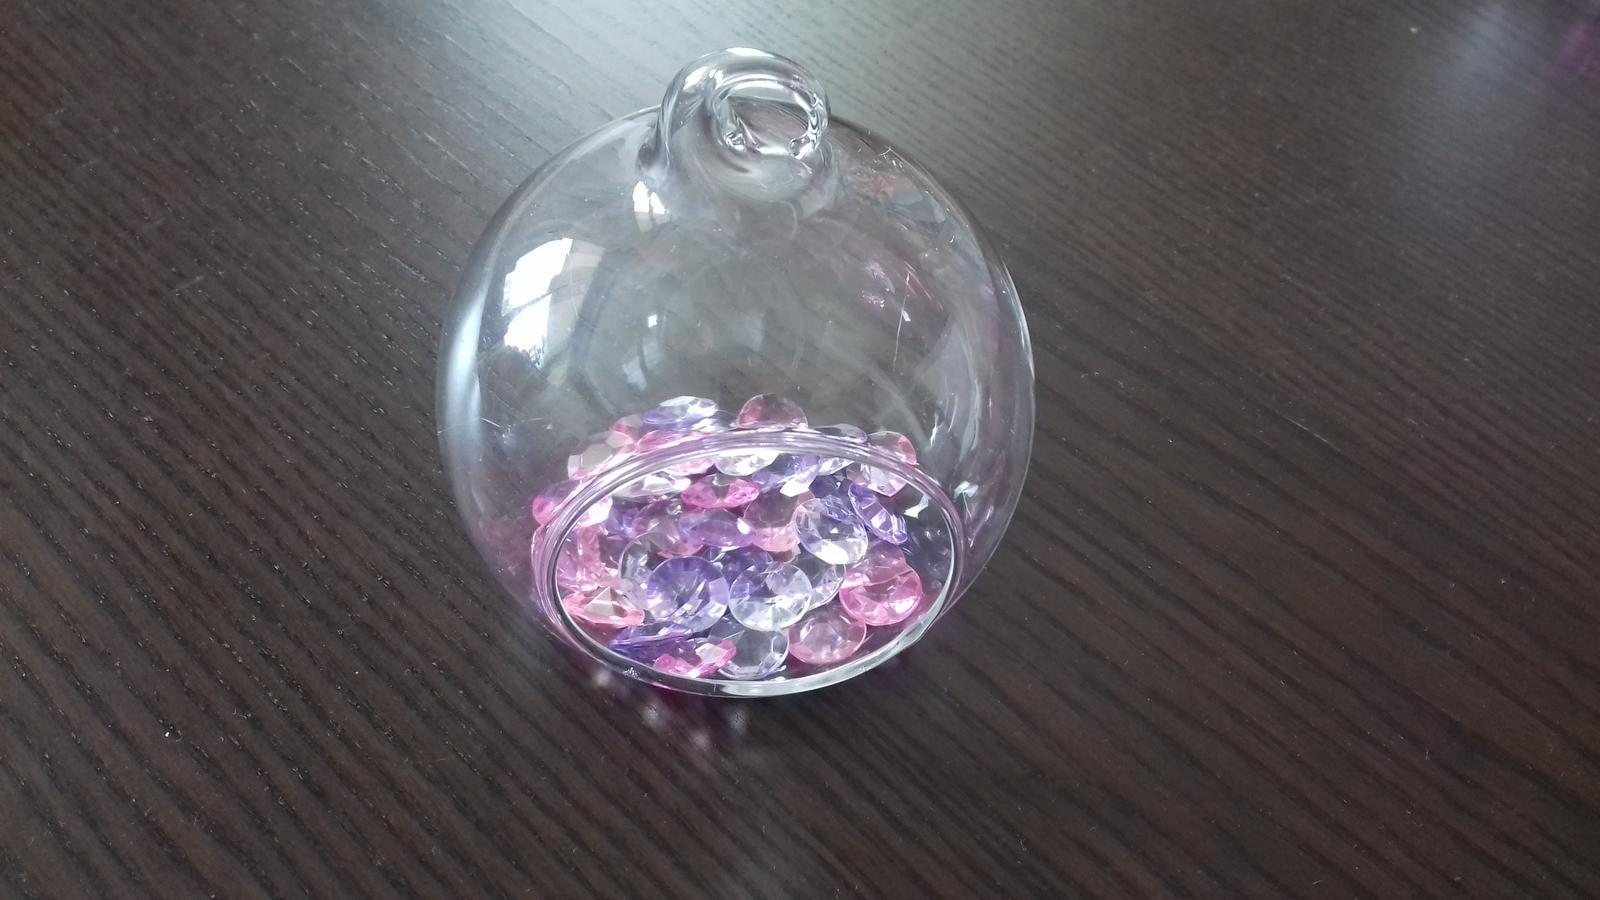 Skleněné koule průměr 10 a 8 cm - Obrázek č. 2